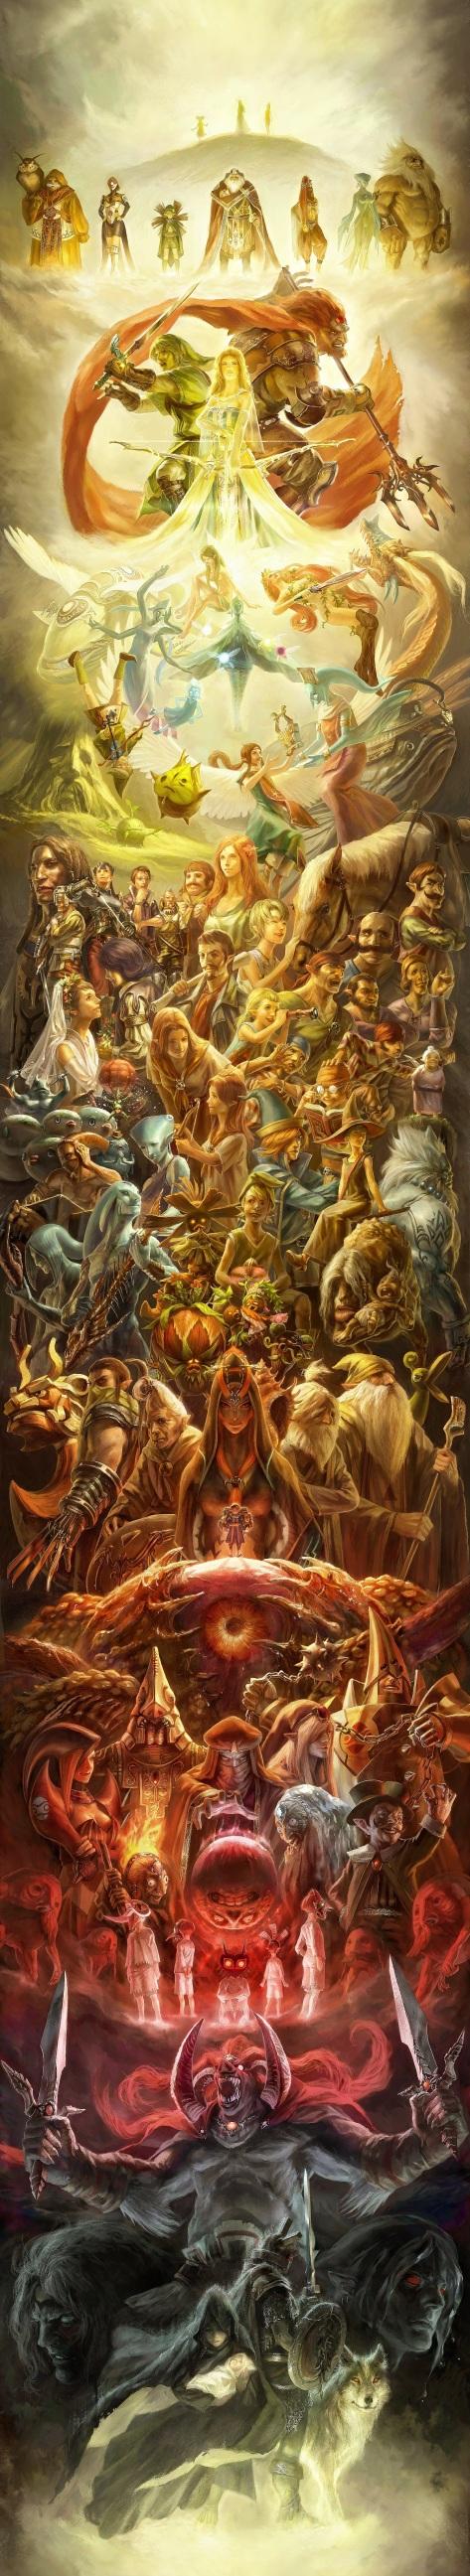 Nicht passt besser auf den großen Zelda-Artikel als das große Zelda Artikelbild.